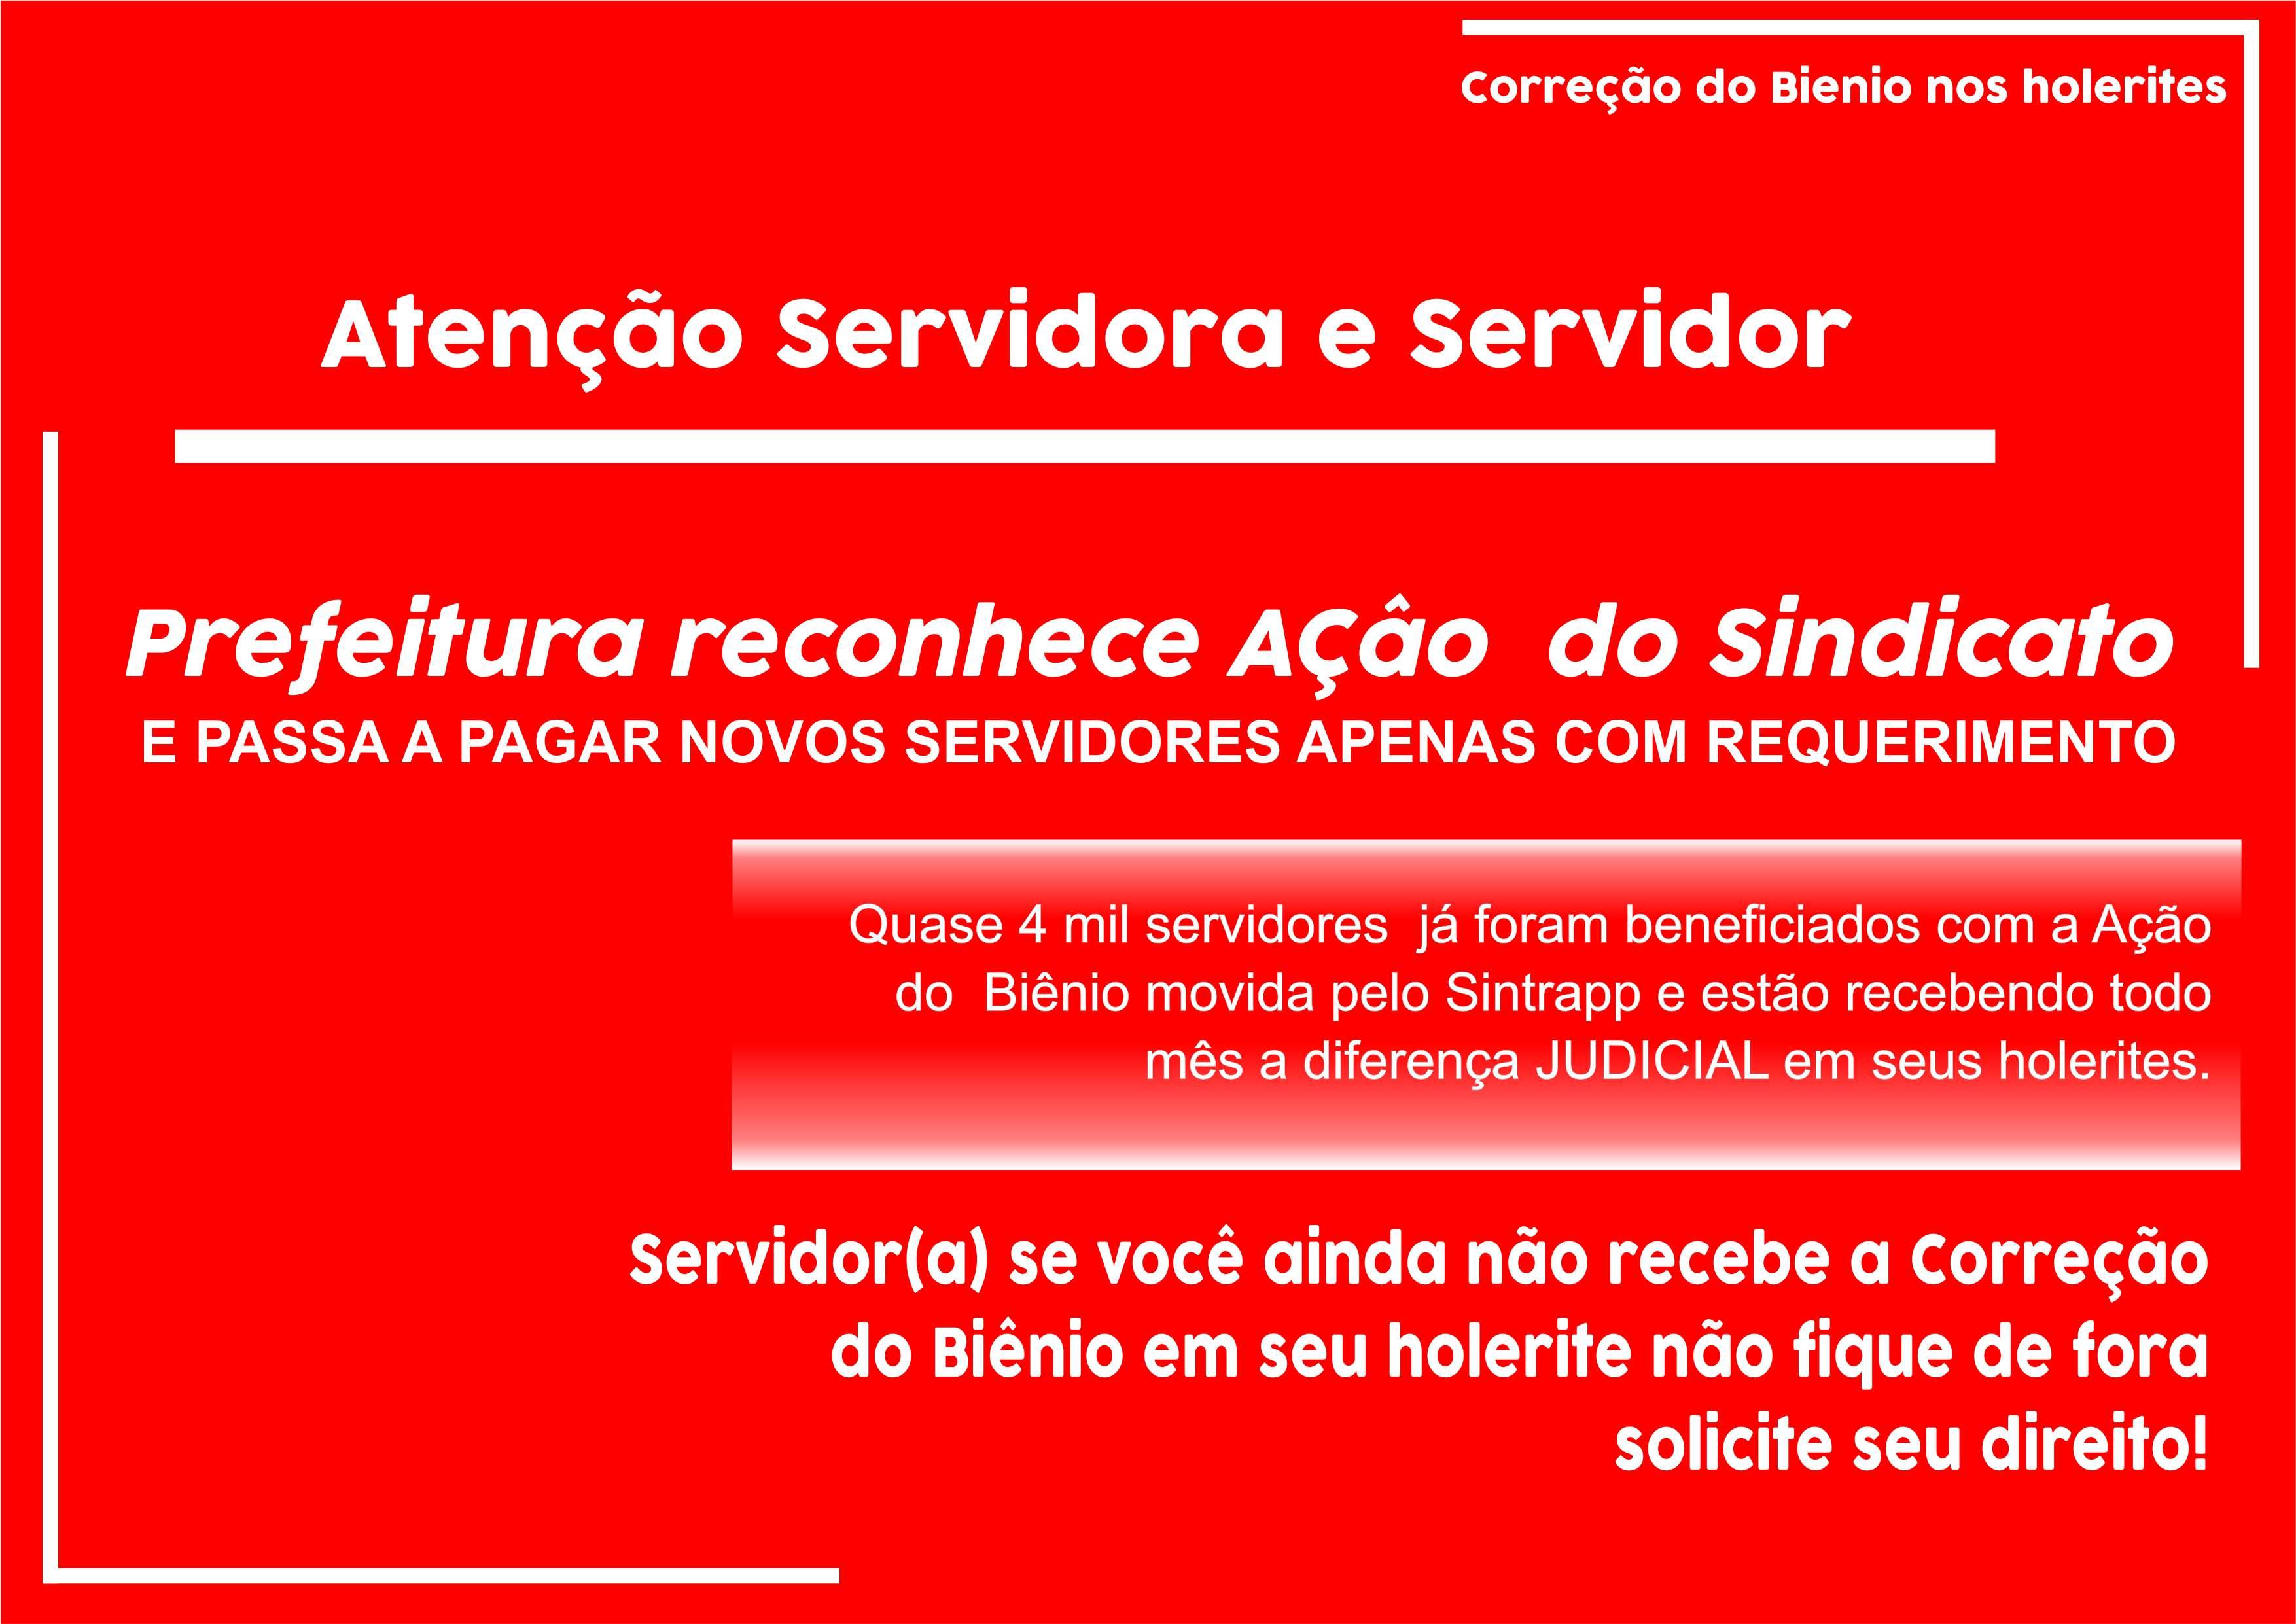 Prefeitura reconhece a  Ação do Sindicato e passa a pagar novos servidores apenas com protocolo administrativo